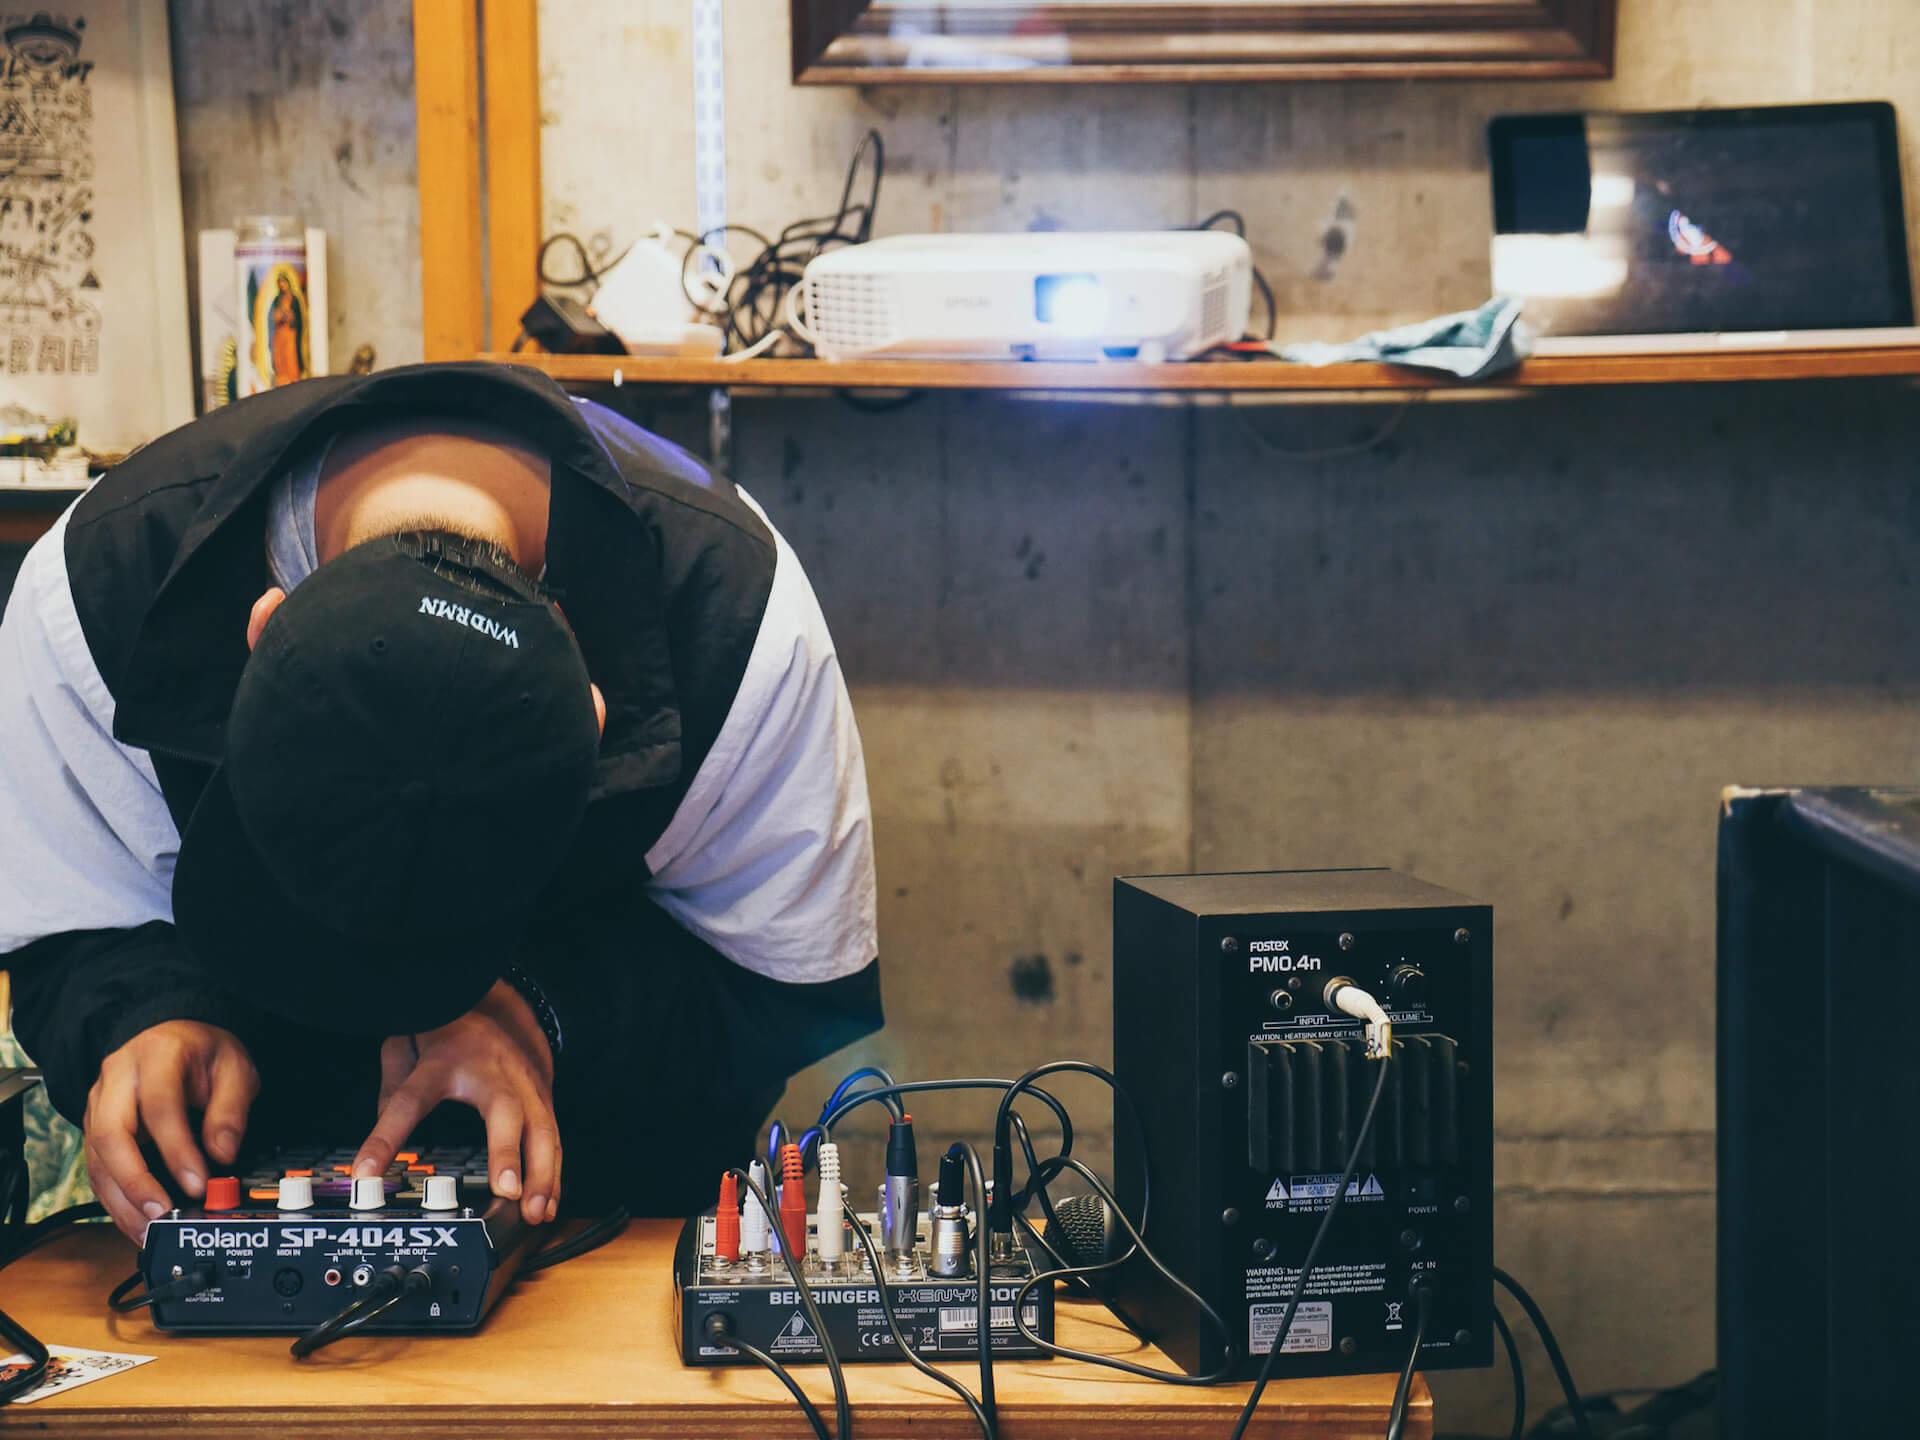 ビートは世界と出会う――BEAT MEETS WORLD x WANDERMAN POP UP in RAH YOKOHAMA REPORT interview-beat-meets-world-pop-up-report-21